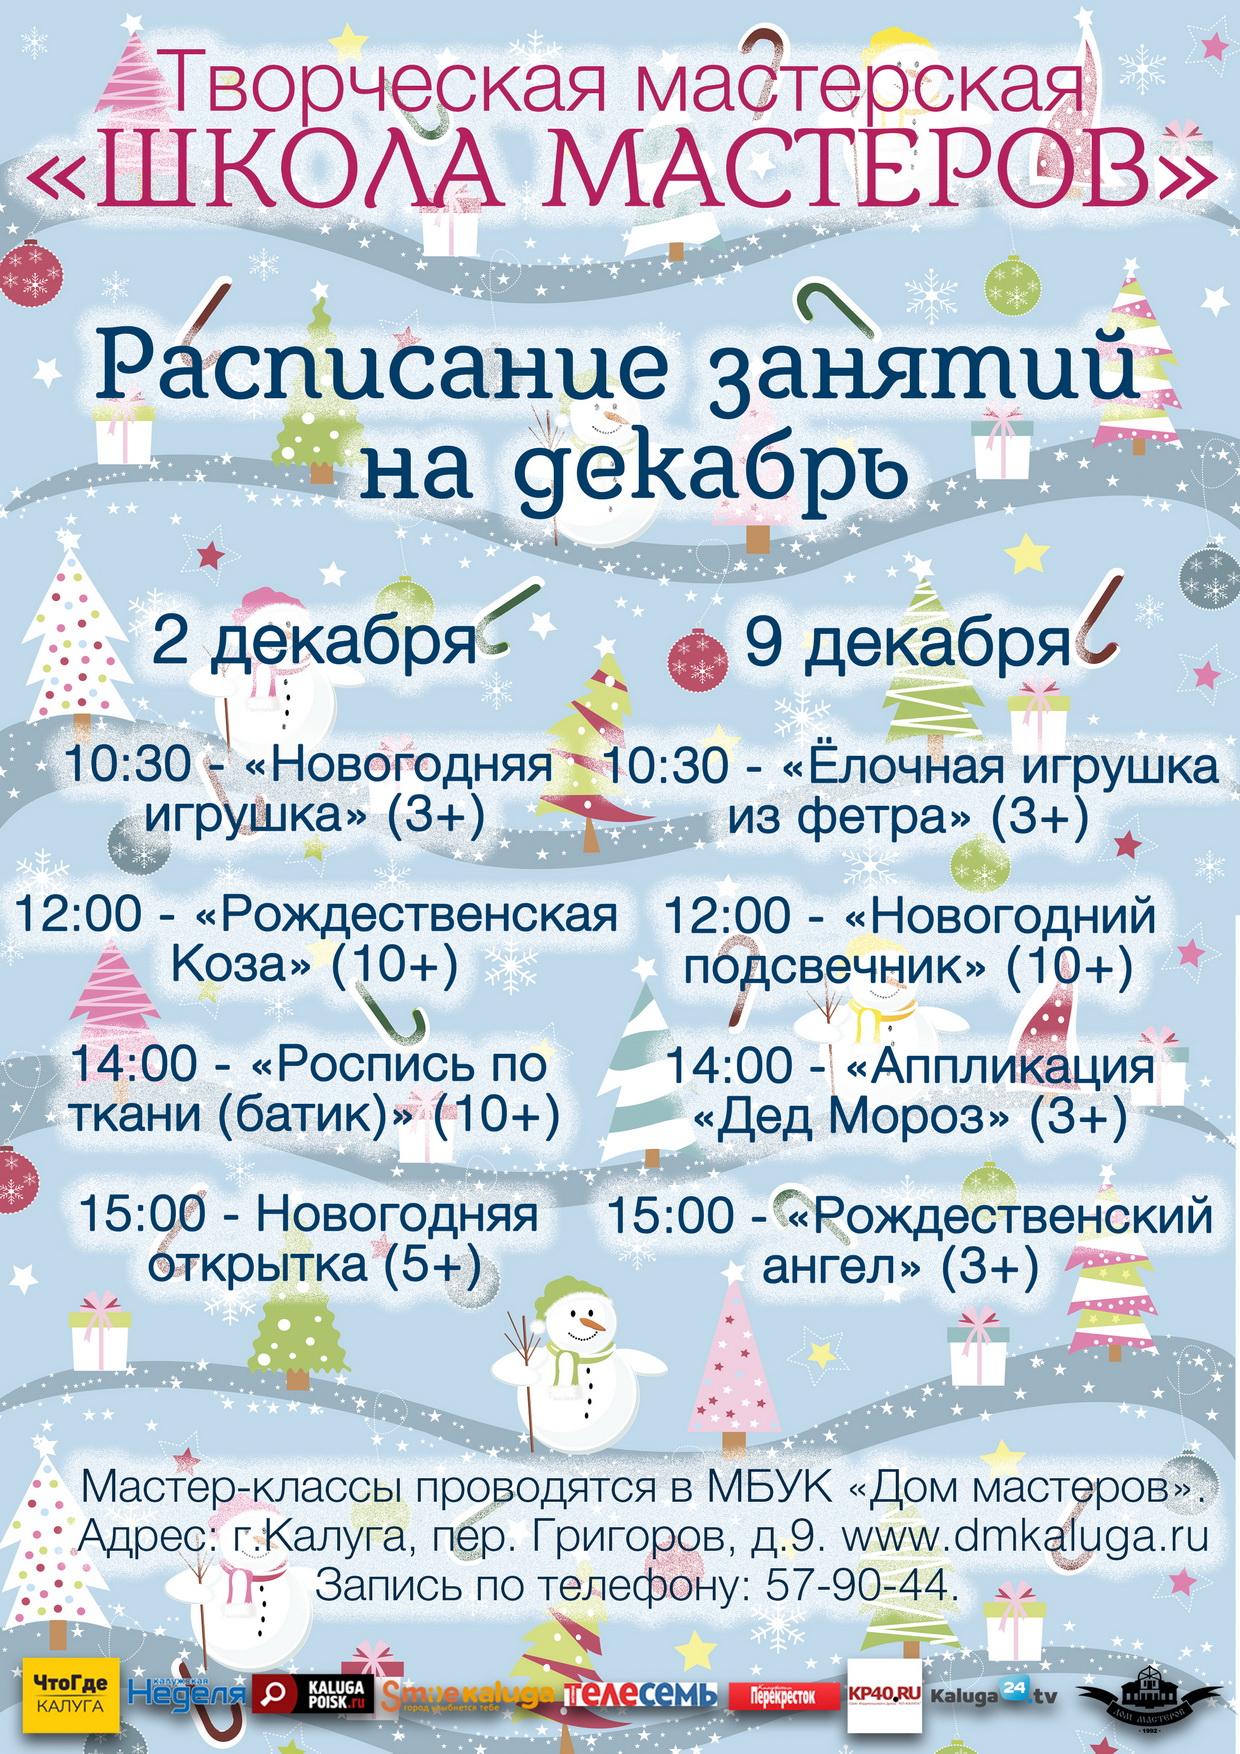 """Расписание занятий в творческой мастерской """"Школа мастеров"""""""